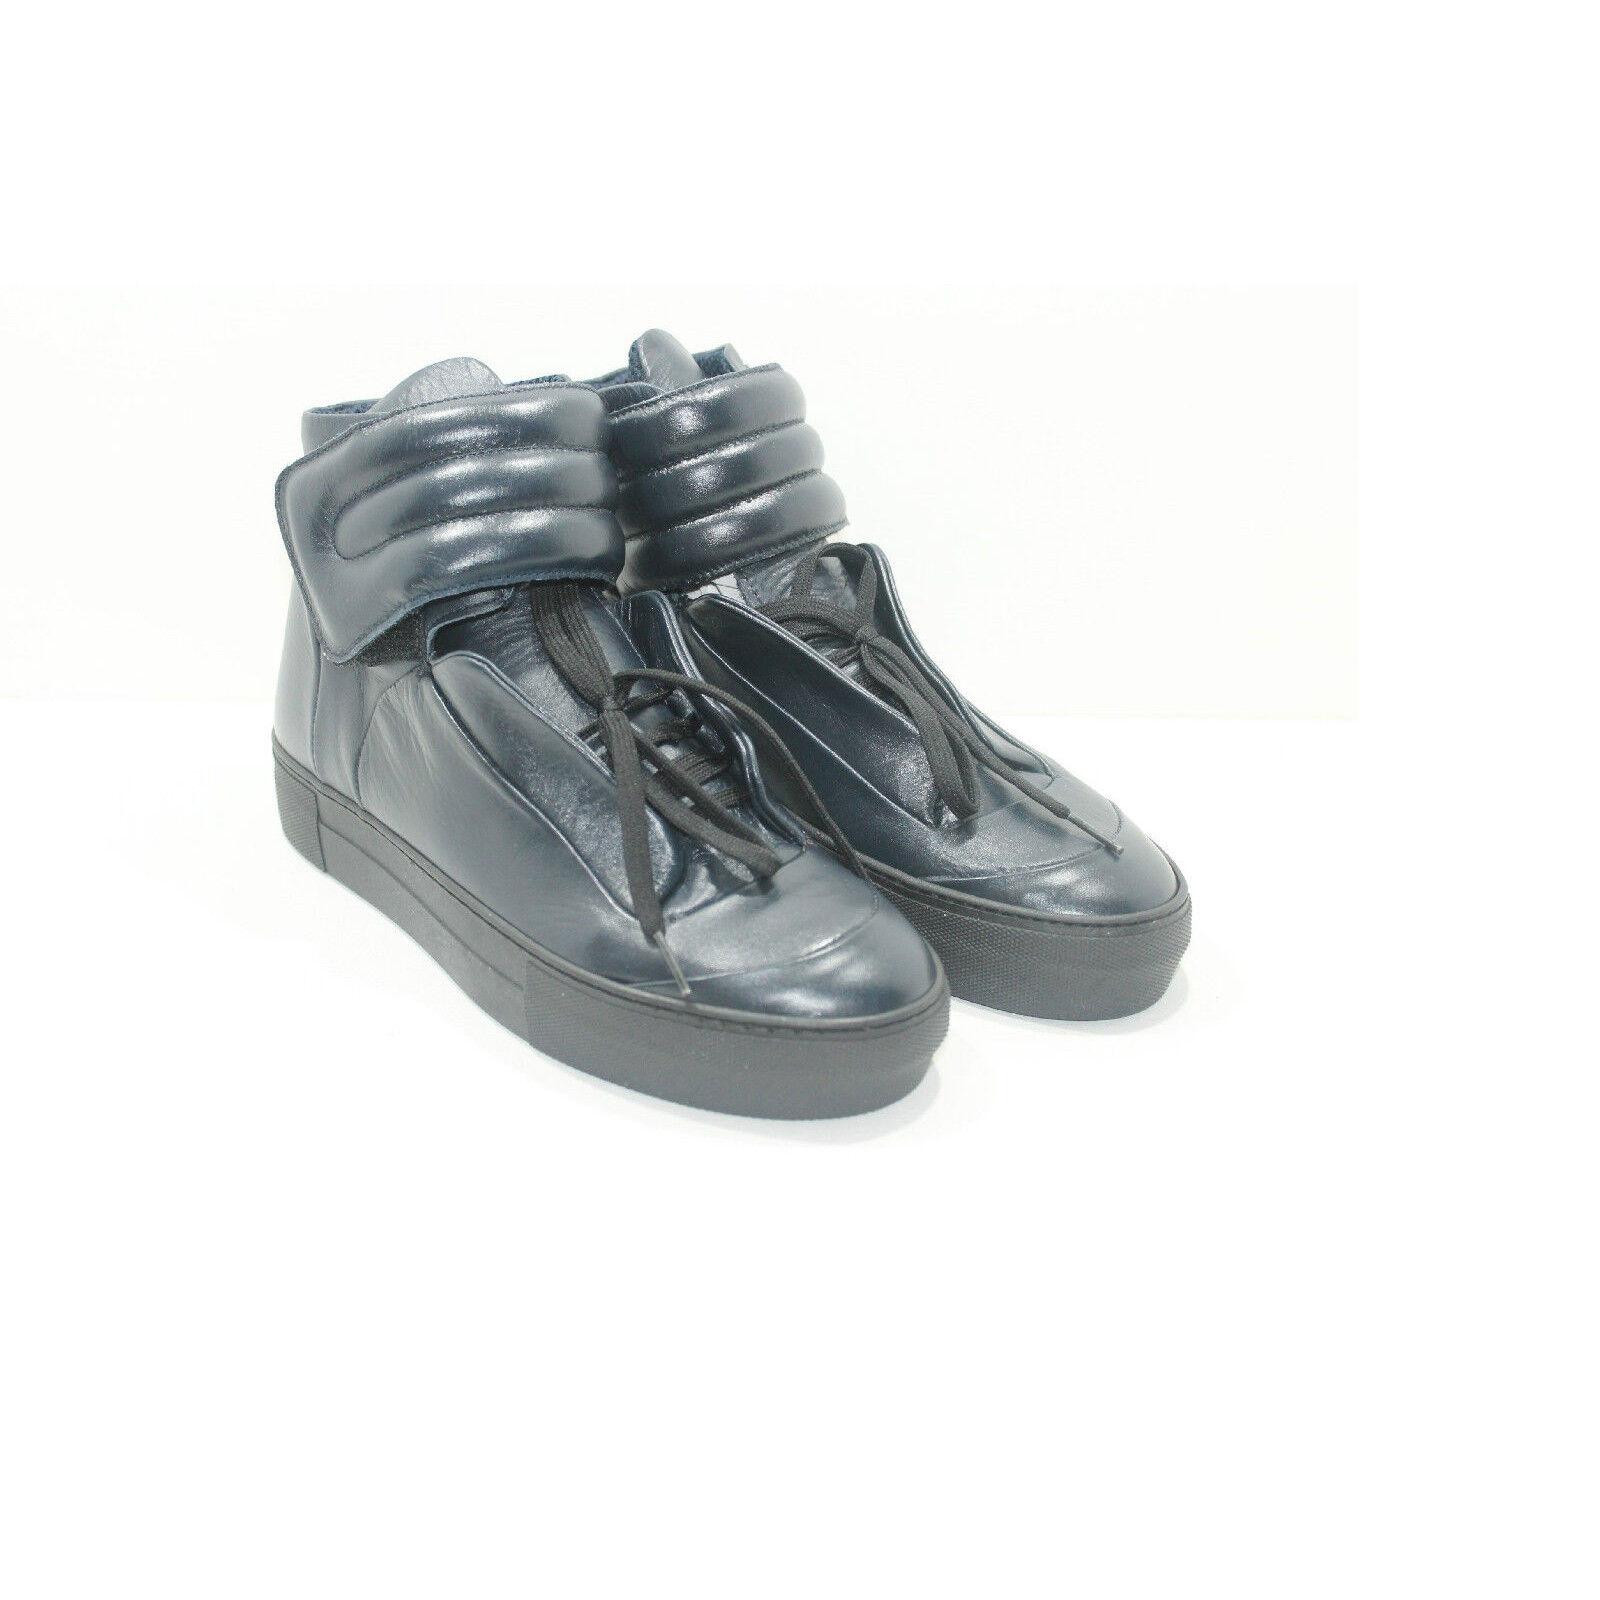 edizione limitata scarpe da ginnastica in pelle Blu scarpe artigianali artigianali artigianali da uomo calzature LEATHER Made in   prezzo ragionevole